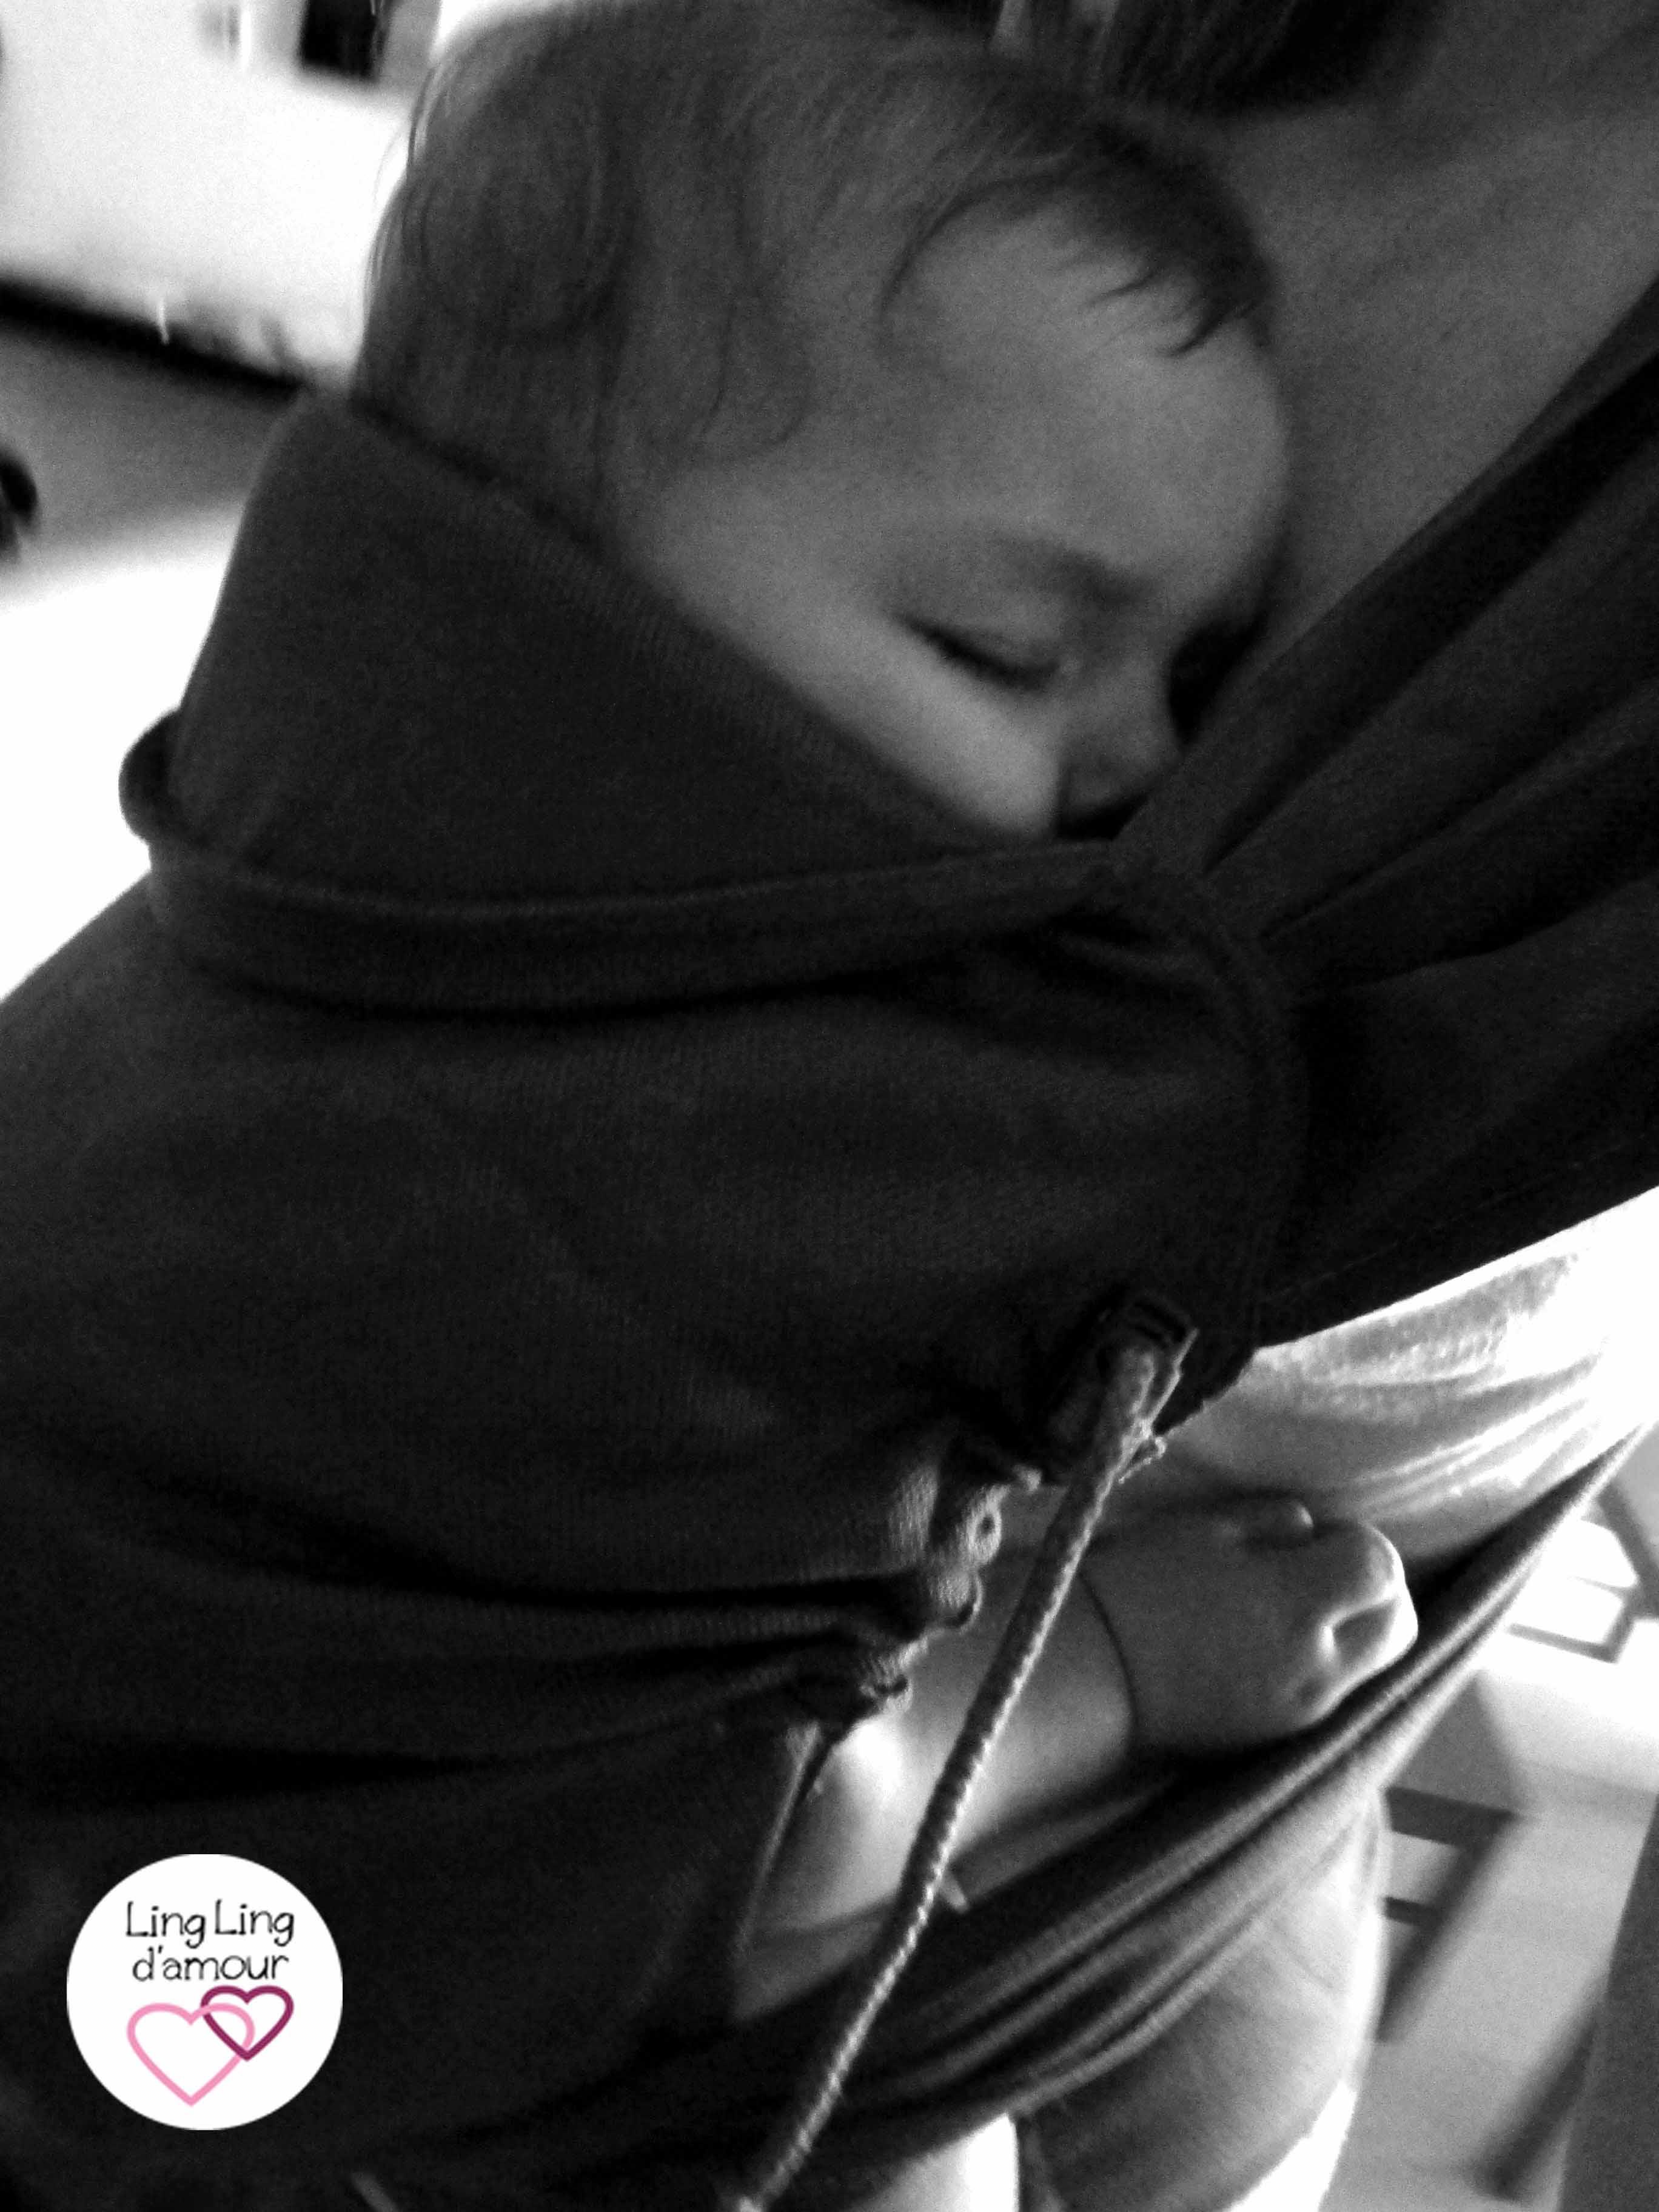 meitai porte-bébé avec appui-tête modulable petit bébé endormi